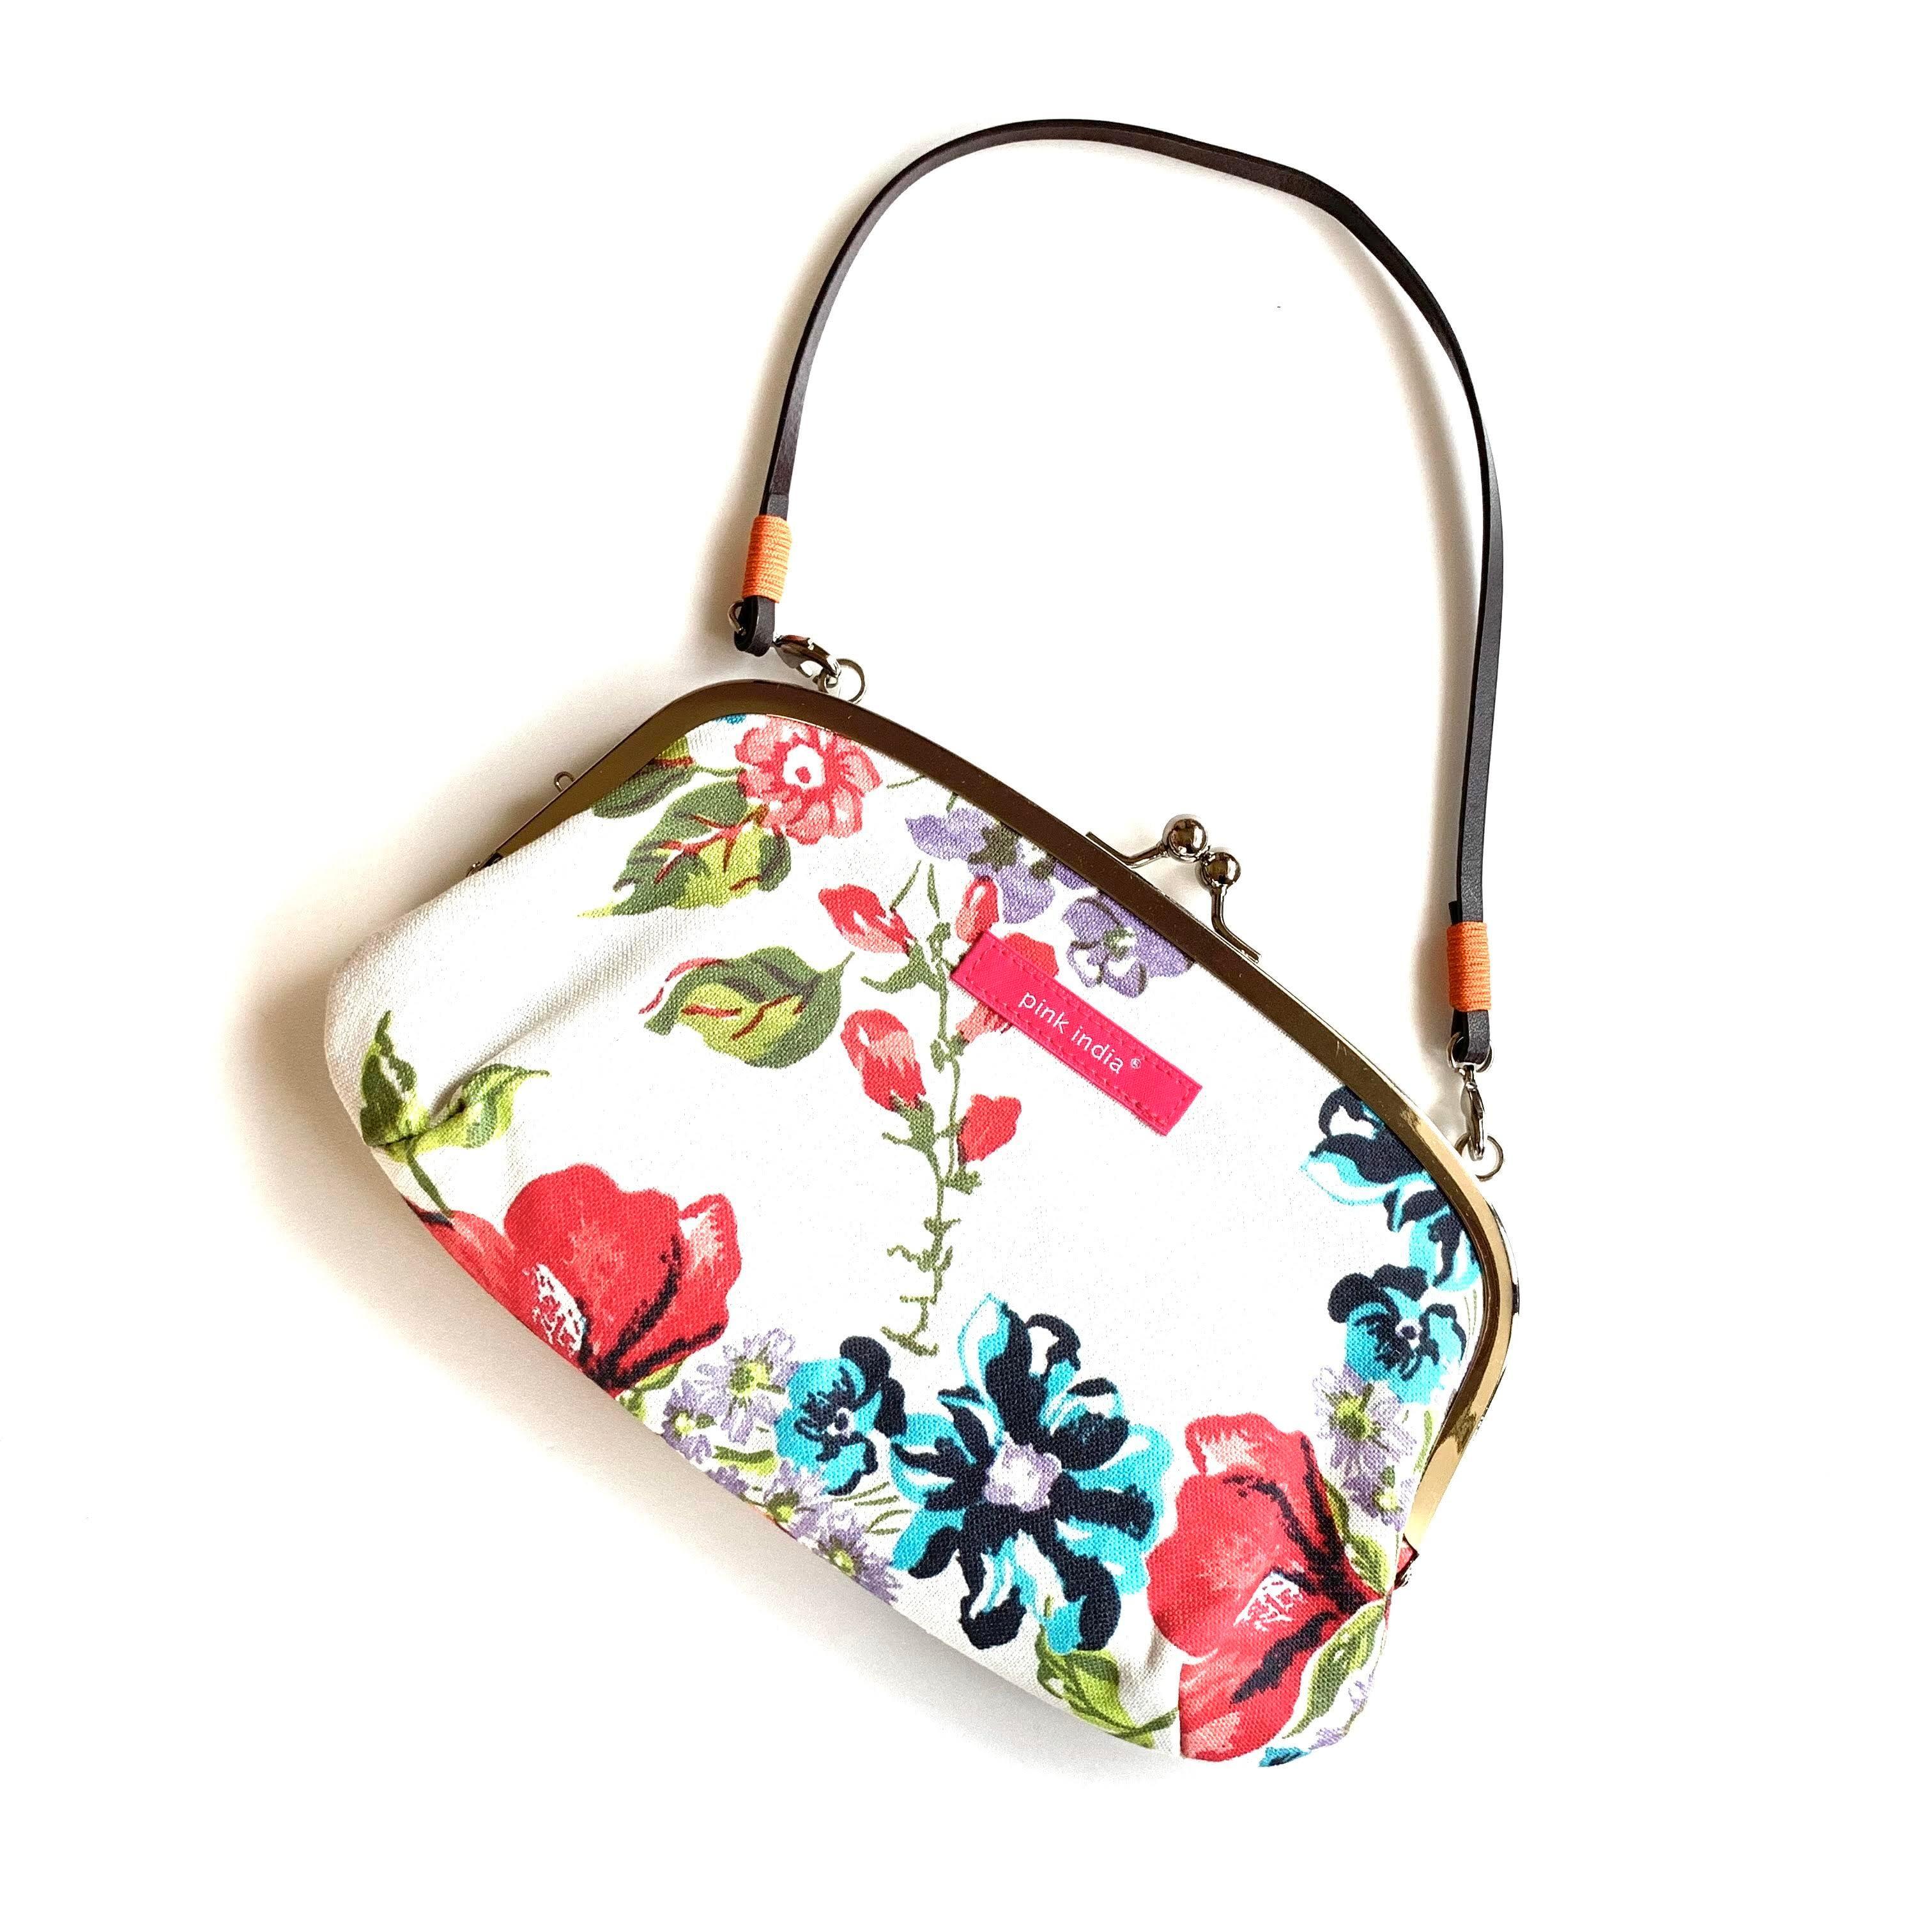 【秀和 x pink india】北欧デザイン ストラップ付がまぐち横長財布 | stella